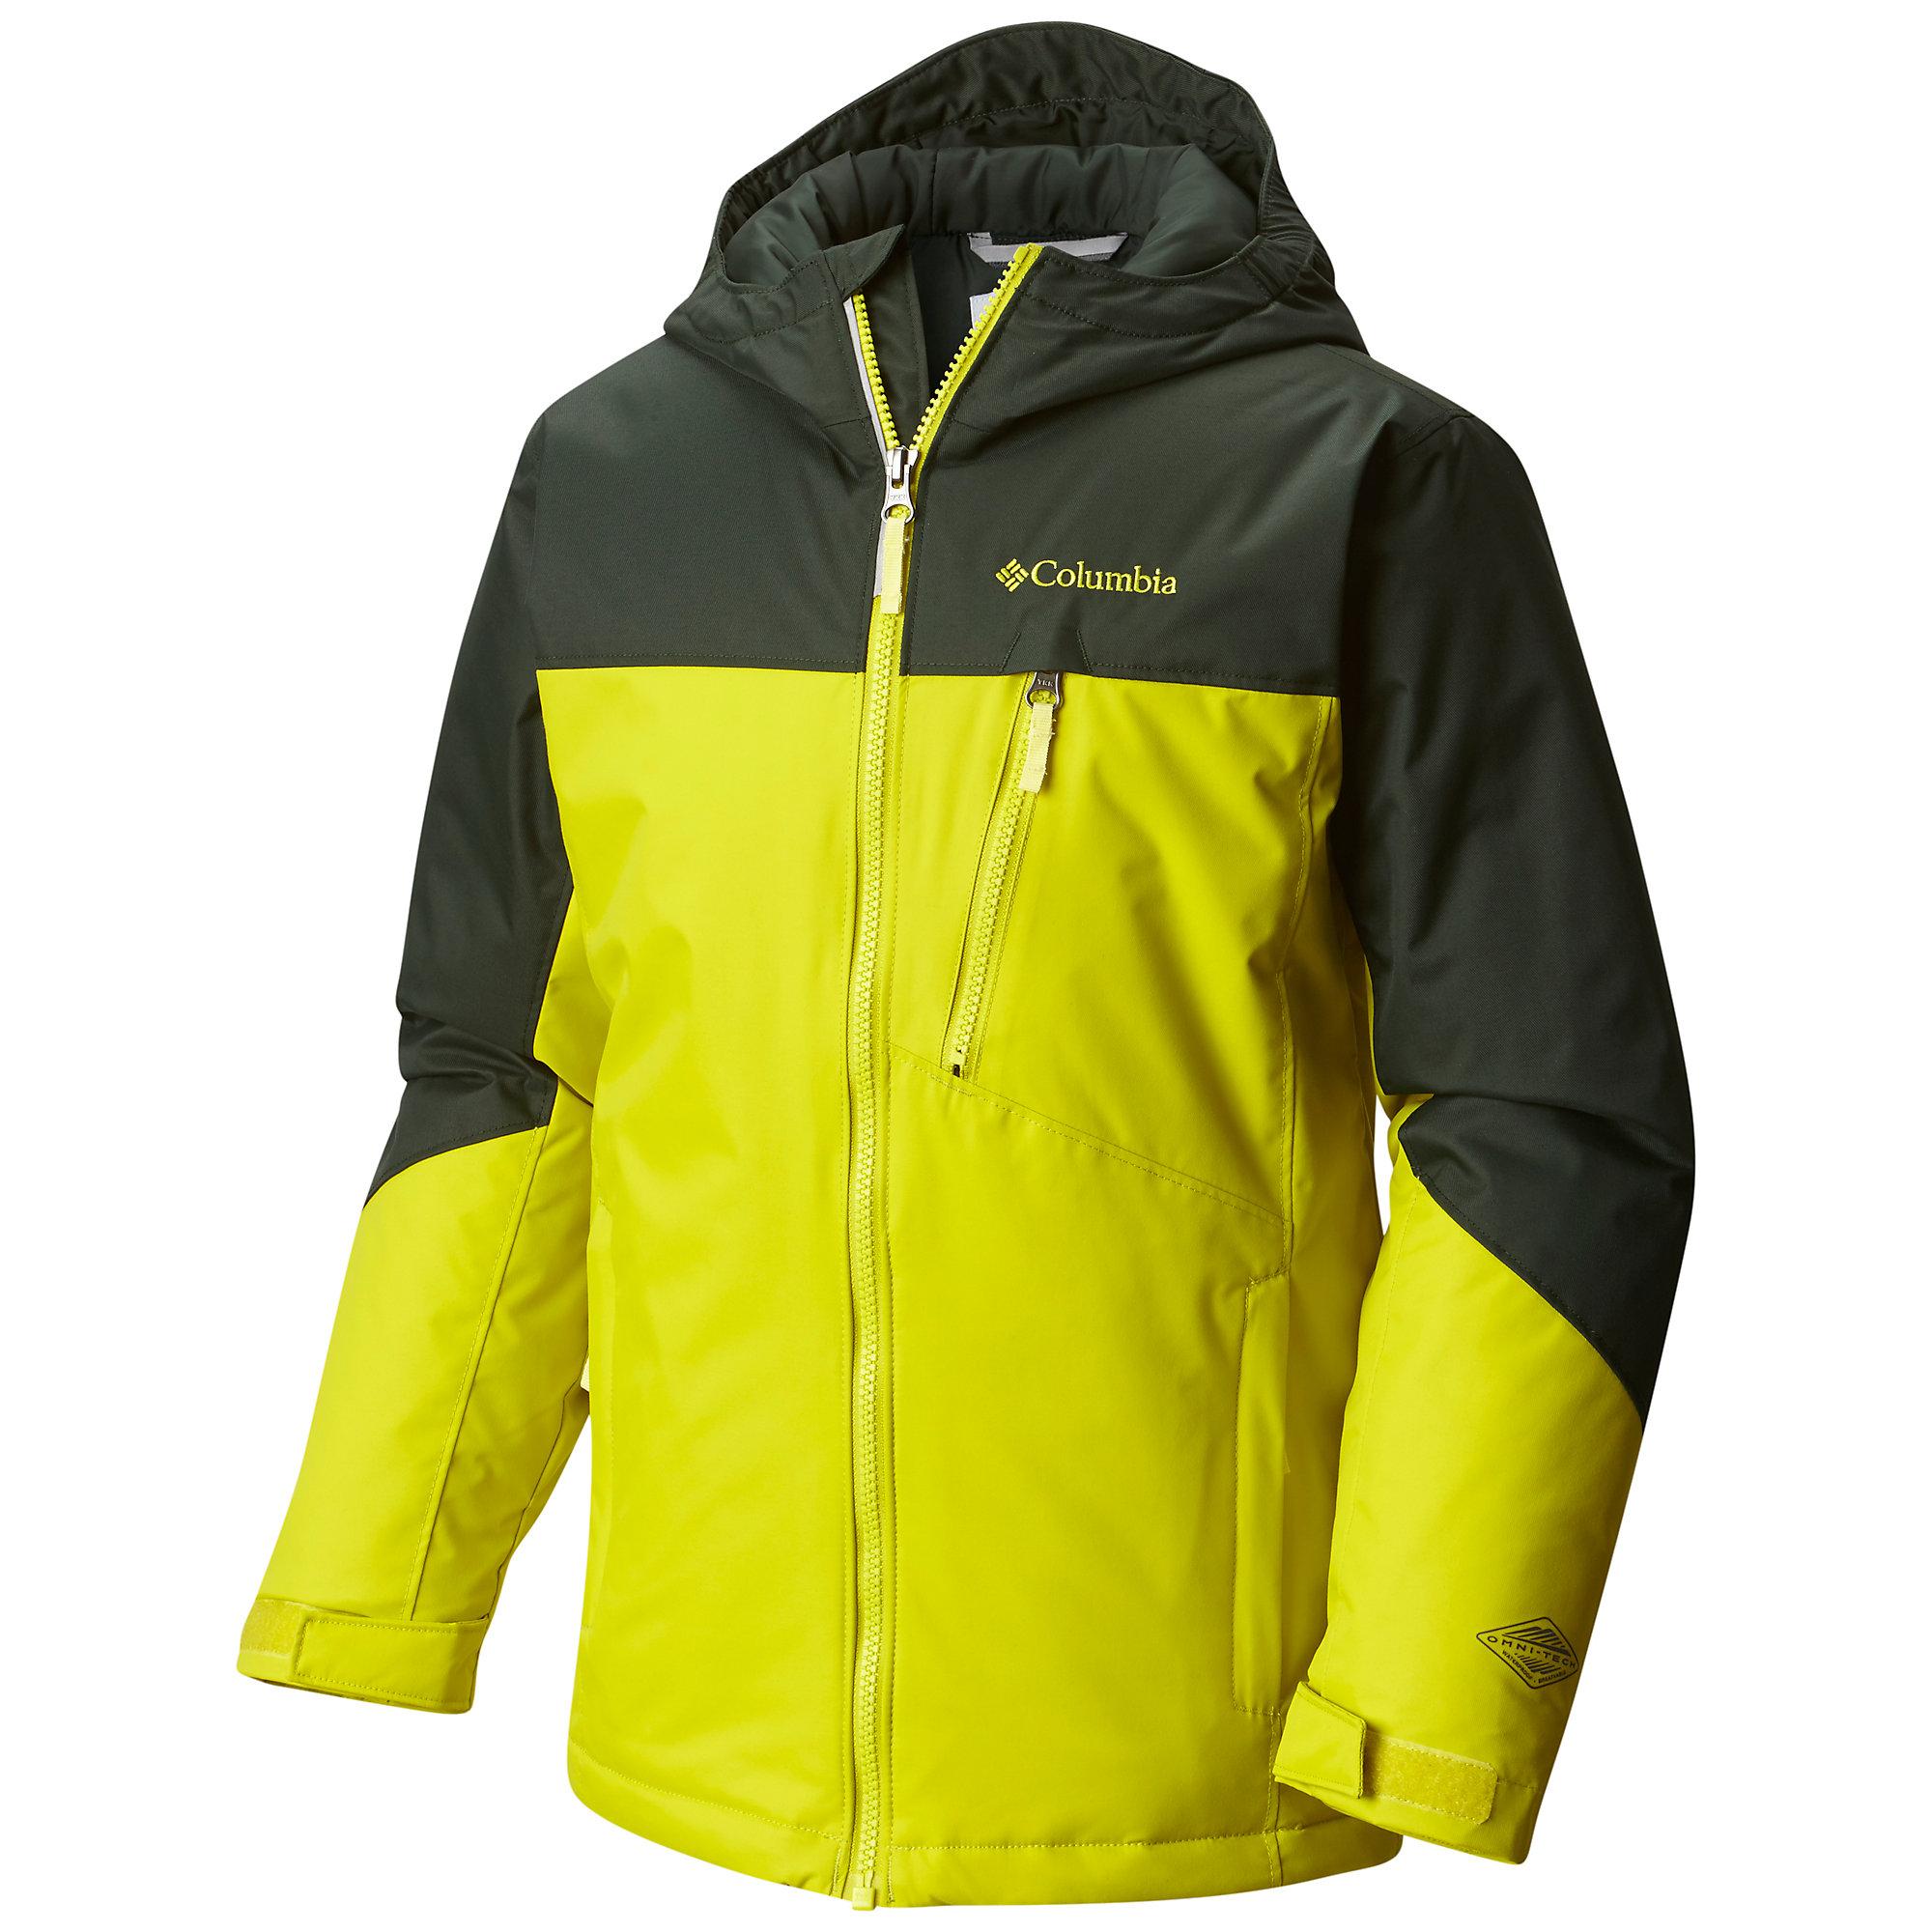 Columbia Double Grab Jacket